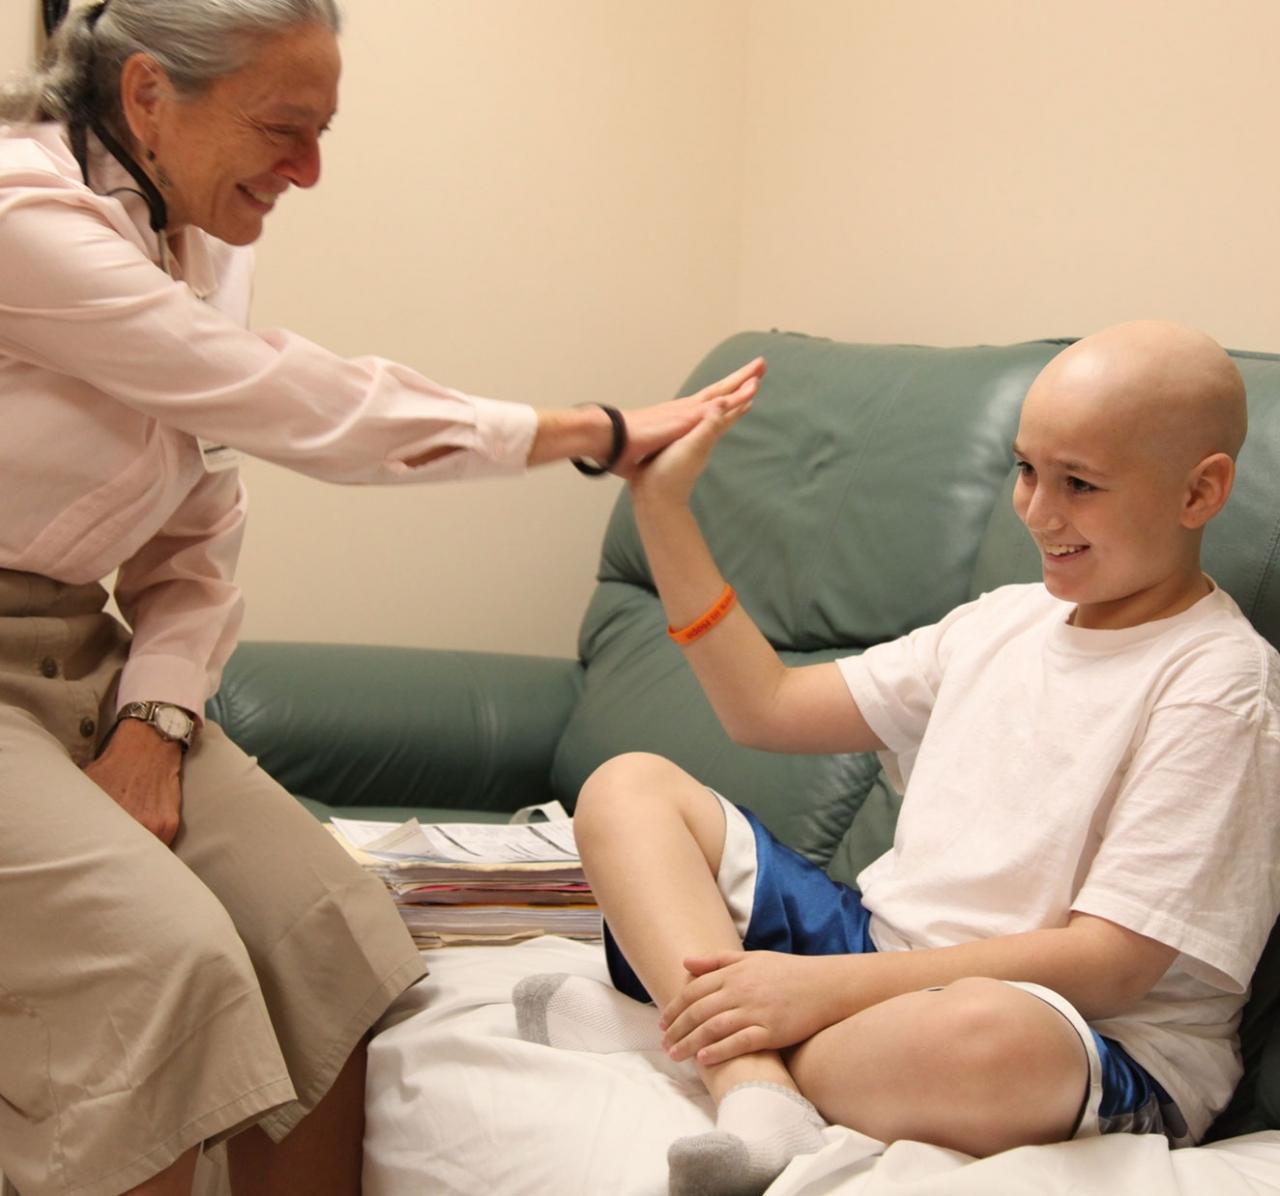 Những quyền lợi của bảo hiểm y tế góp thêm phần mang lại sự sáng sủa cho những người dân bệnh